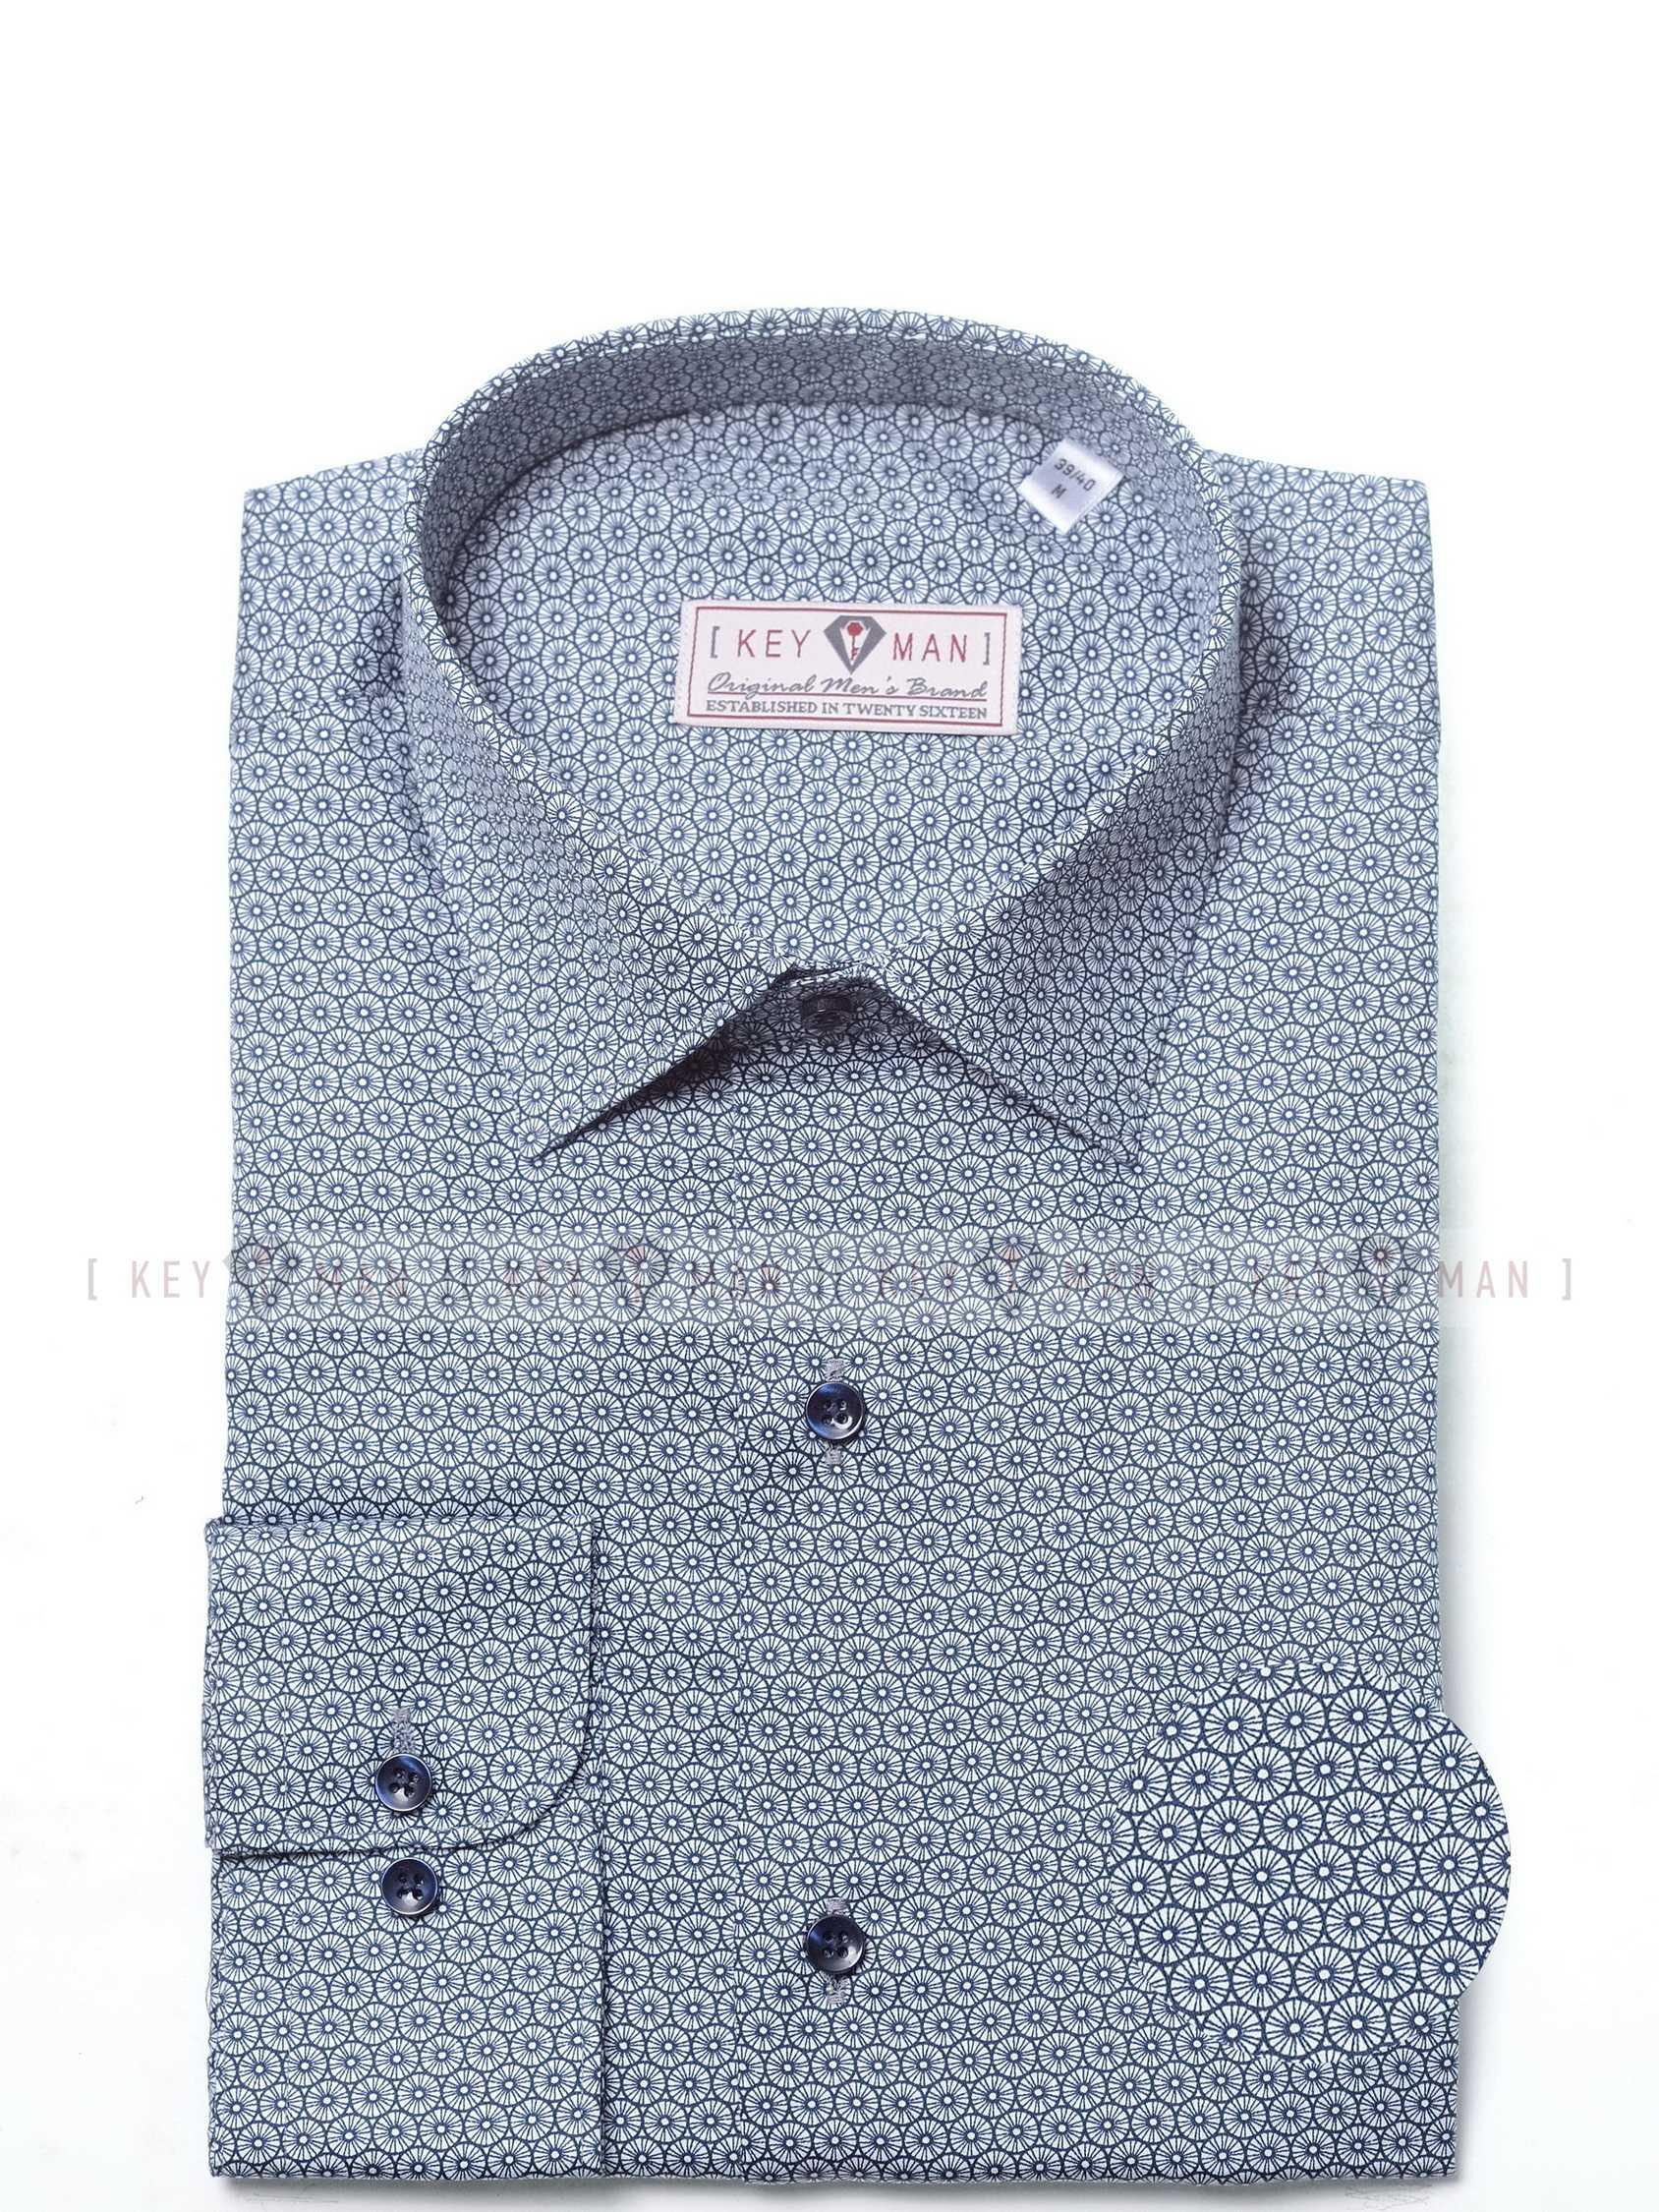 Рубашка мужская белая в темно-синие круги